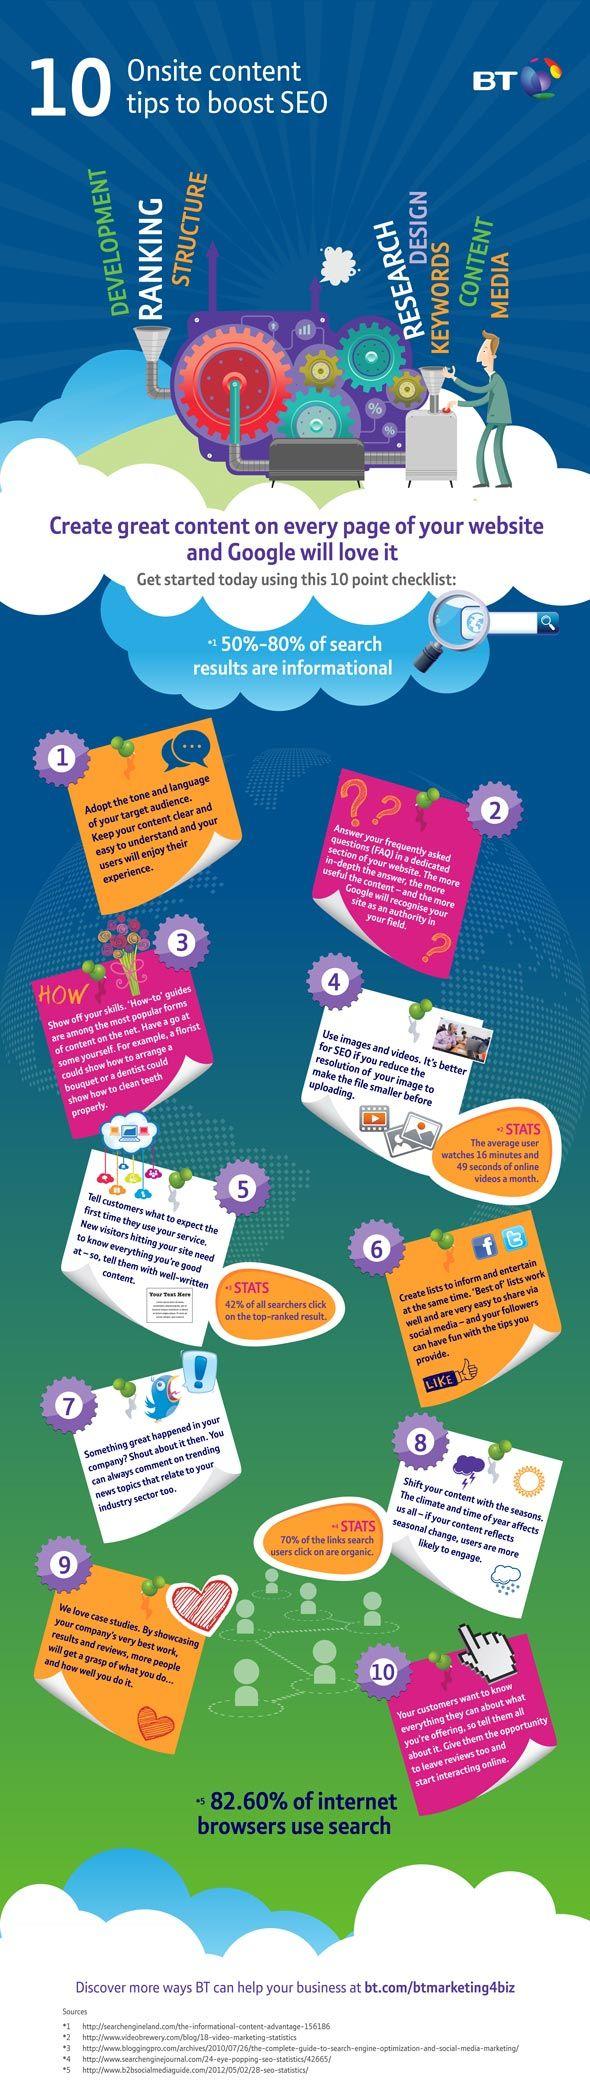 Infographic met 10 on-site SEO tips waar Google van houdt.